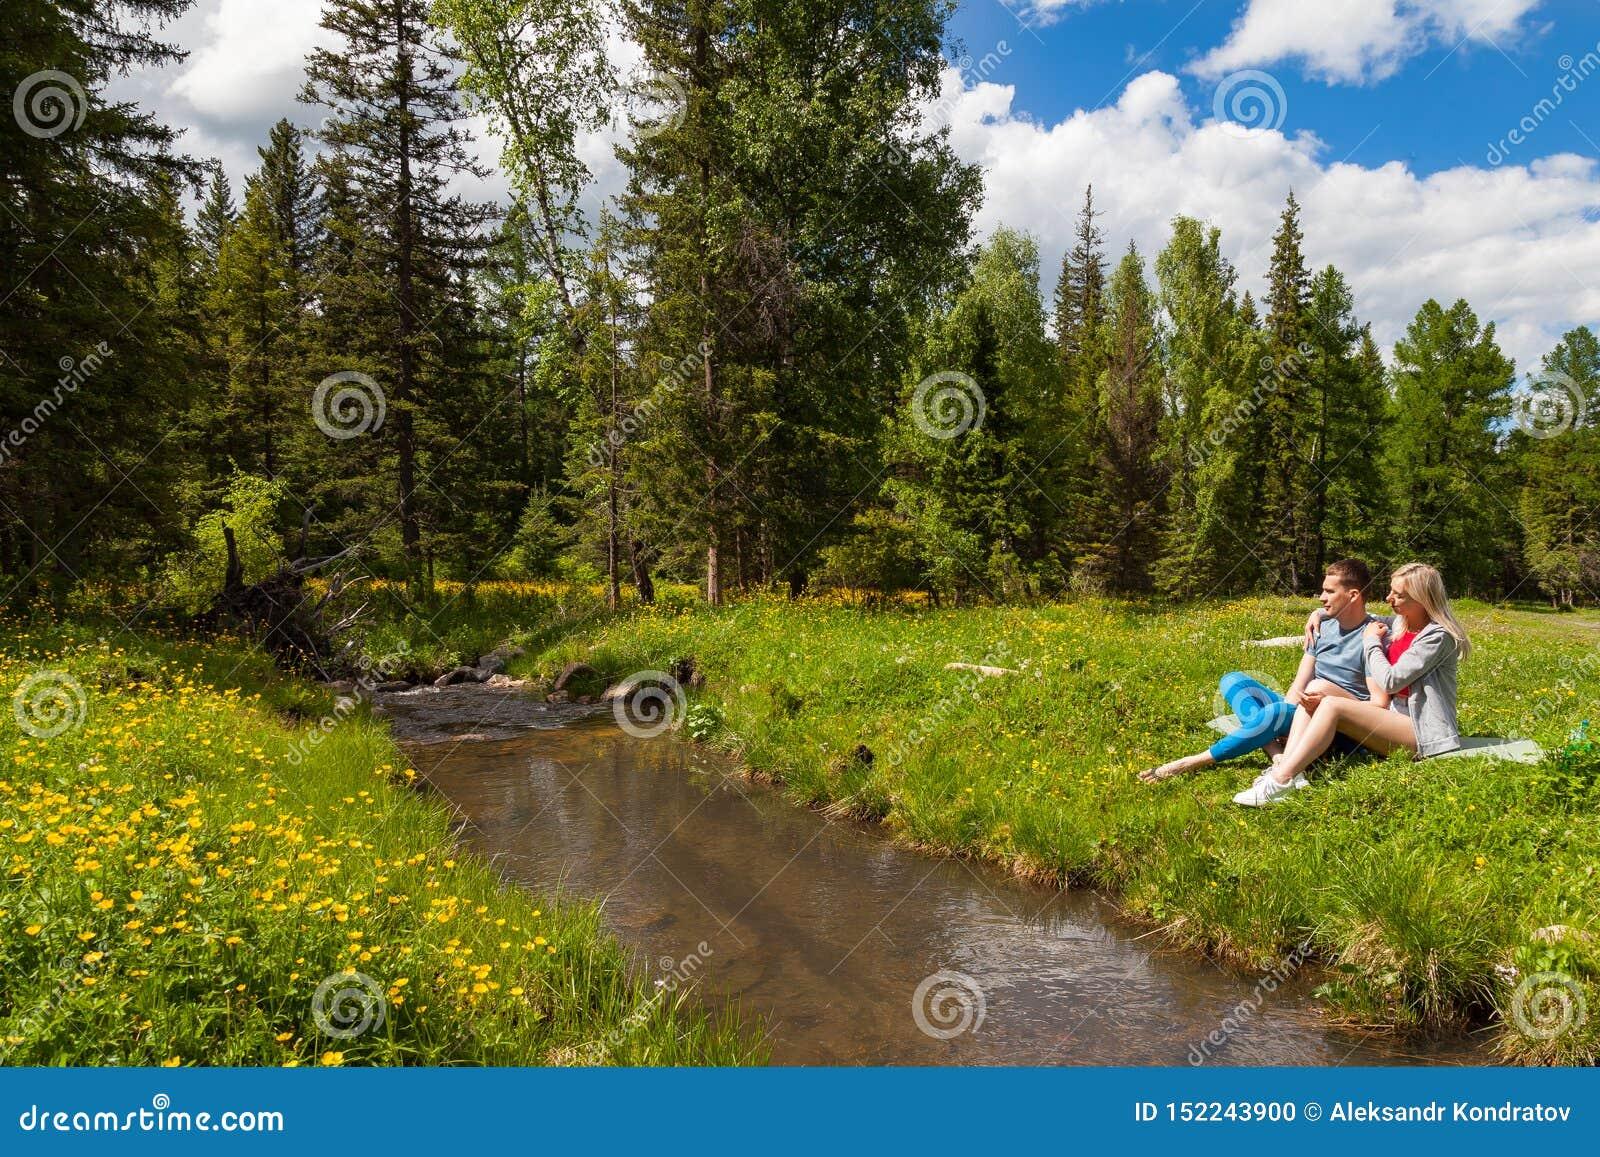 Пикник на банке реки горы с зеленой травой и желтыми цветками на фоне хвойных деревьев и сини